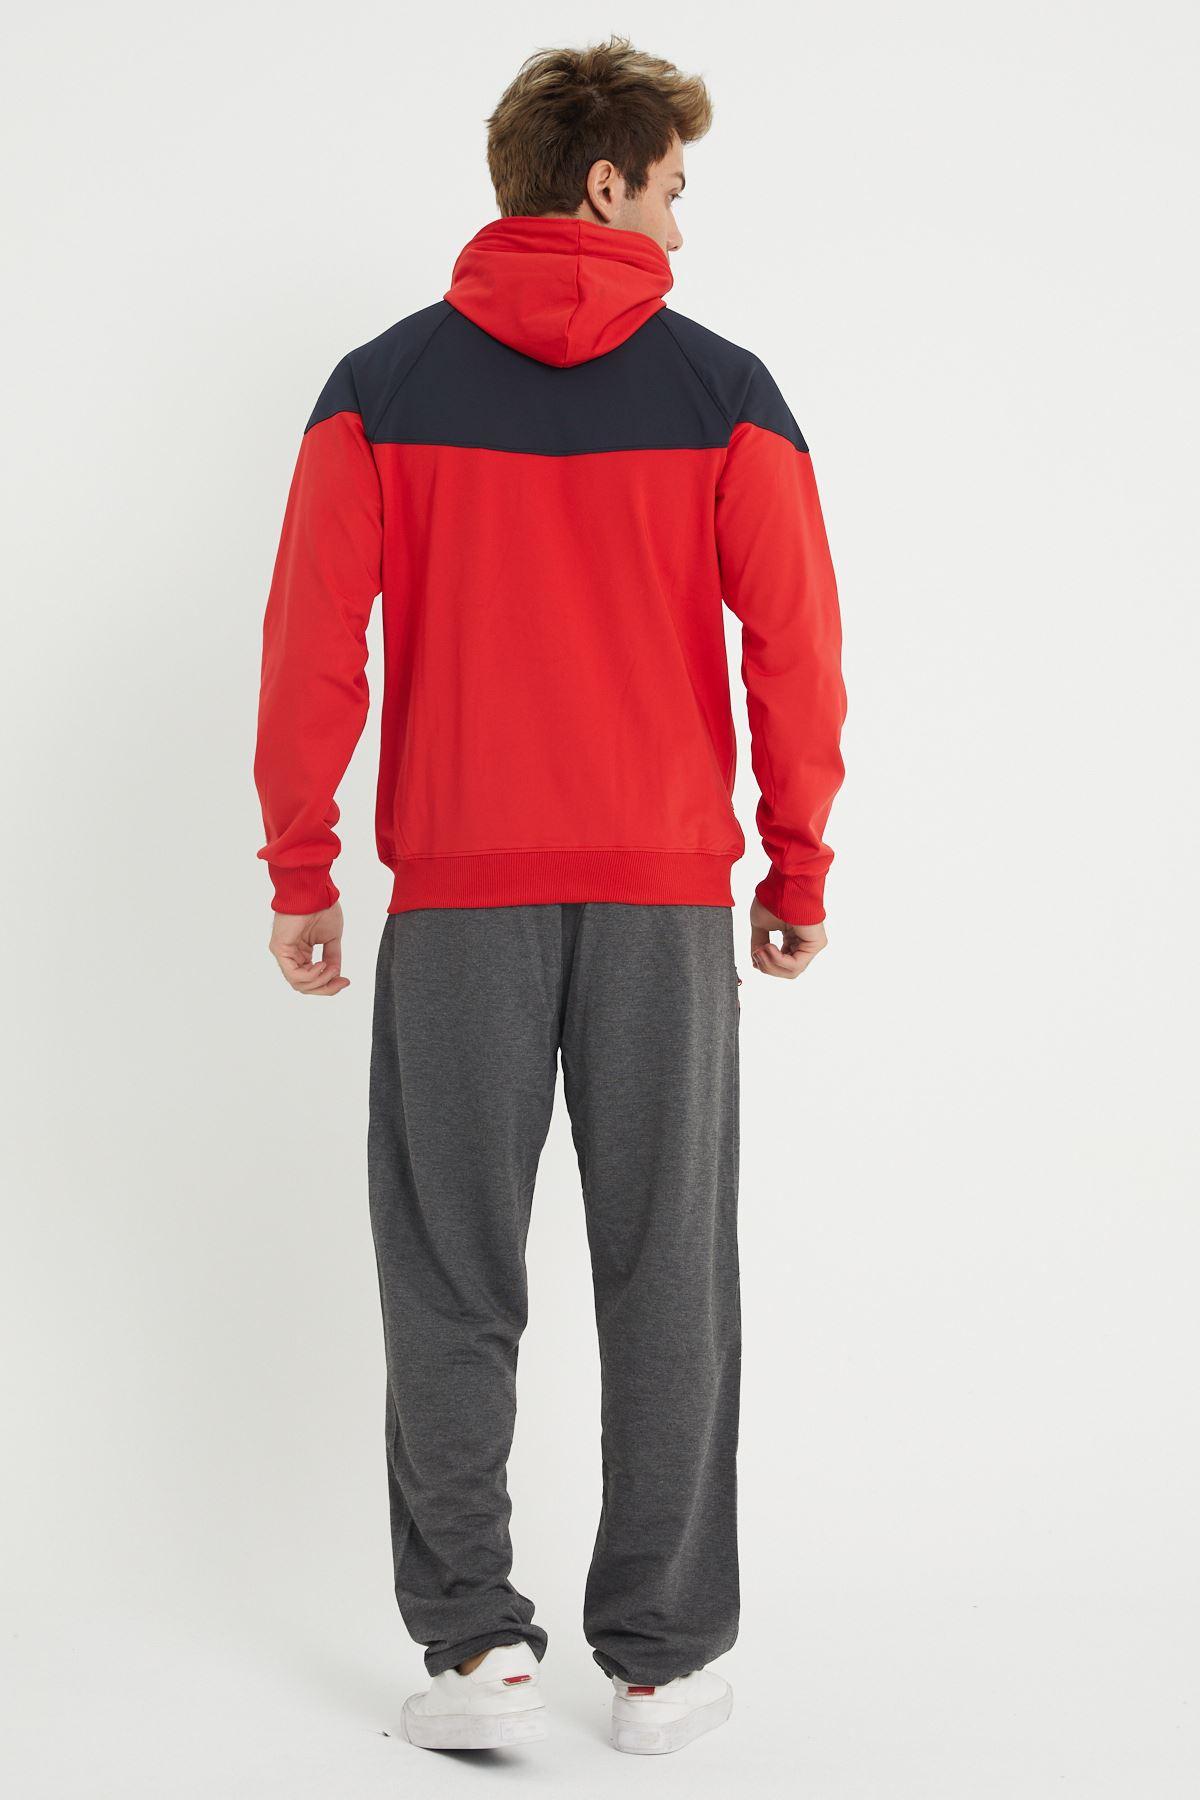 Kırmızı Erkek Beli Lastikli Paça Düz Detay Model Eşofman Takımı